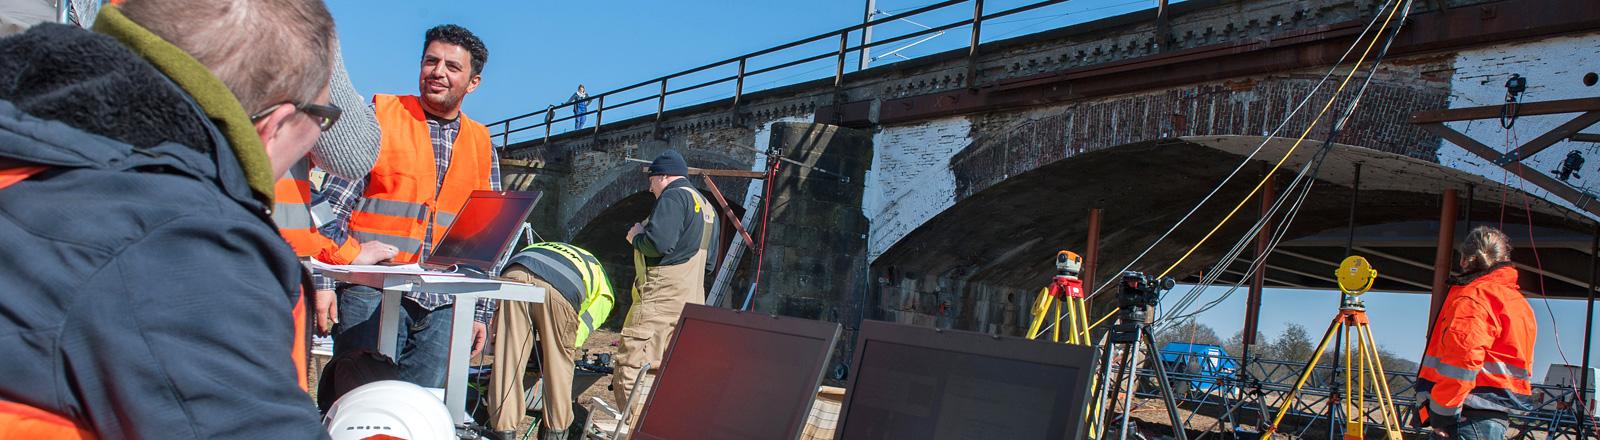 Wissenschaftler stehen (17.03.2016) vor der historischen Eisenbahnbrücke über die Aller in Niedersachsen. Sie machen einen Belastungstest der Brücke; Foto: dpa